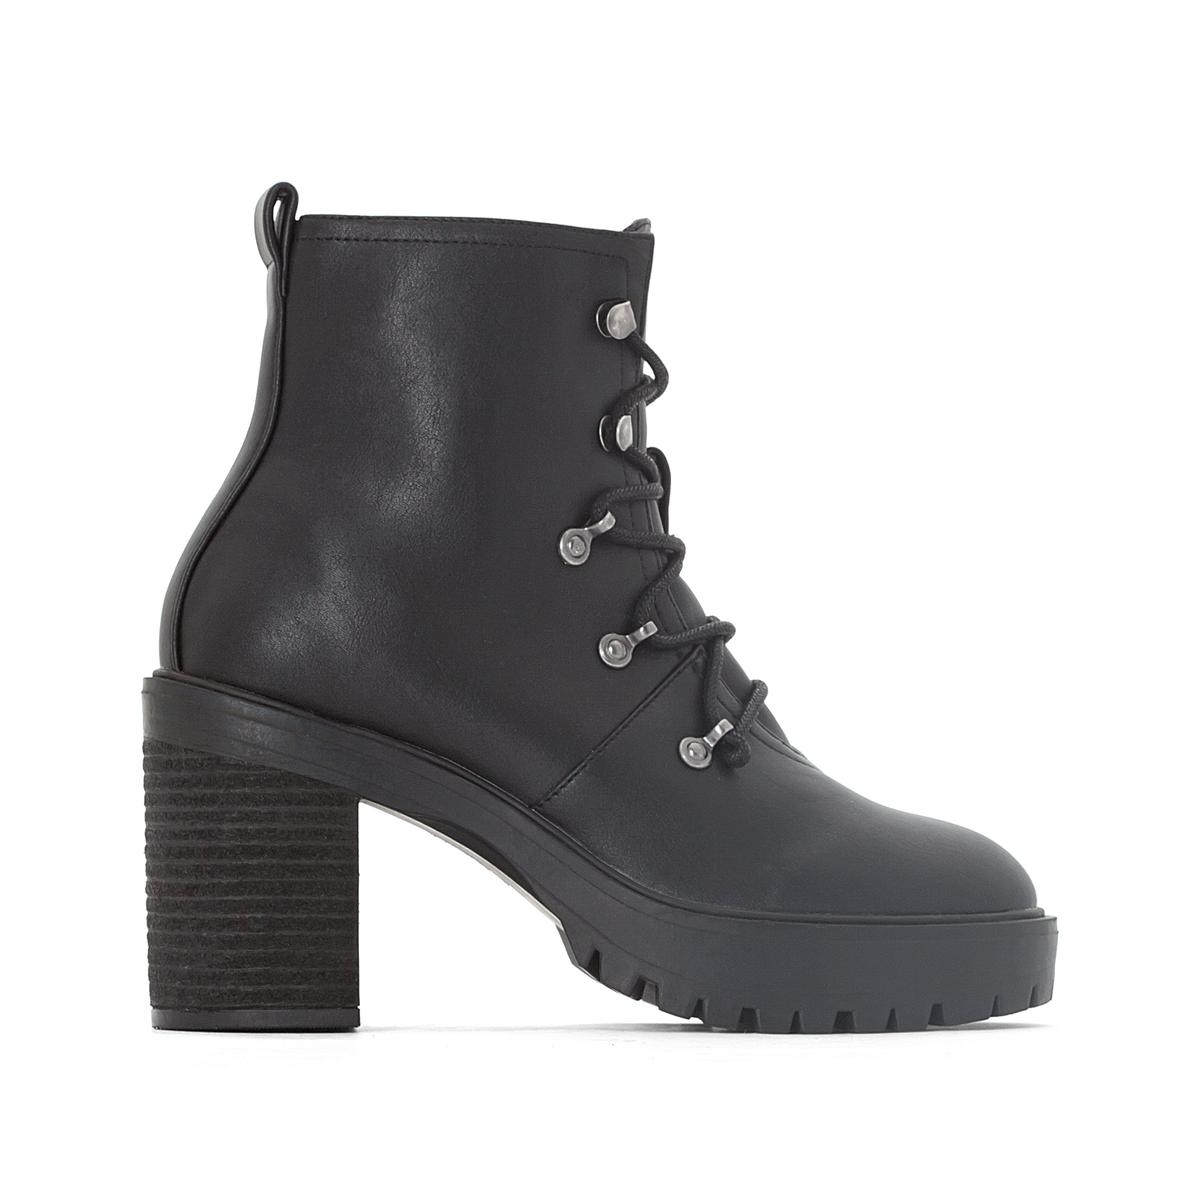 Ботинки на шнуровке Carmela ботинки женские зимние на шнуровке без каблука купить